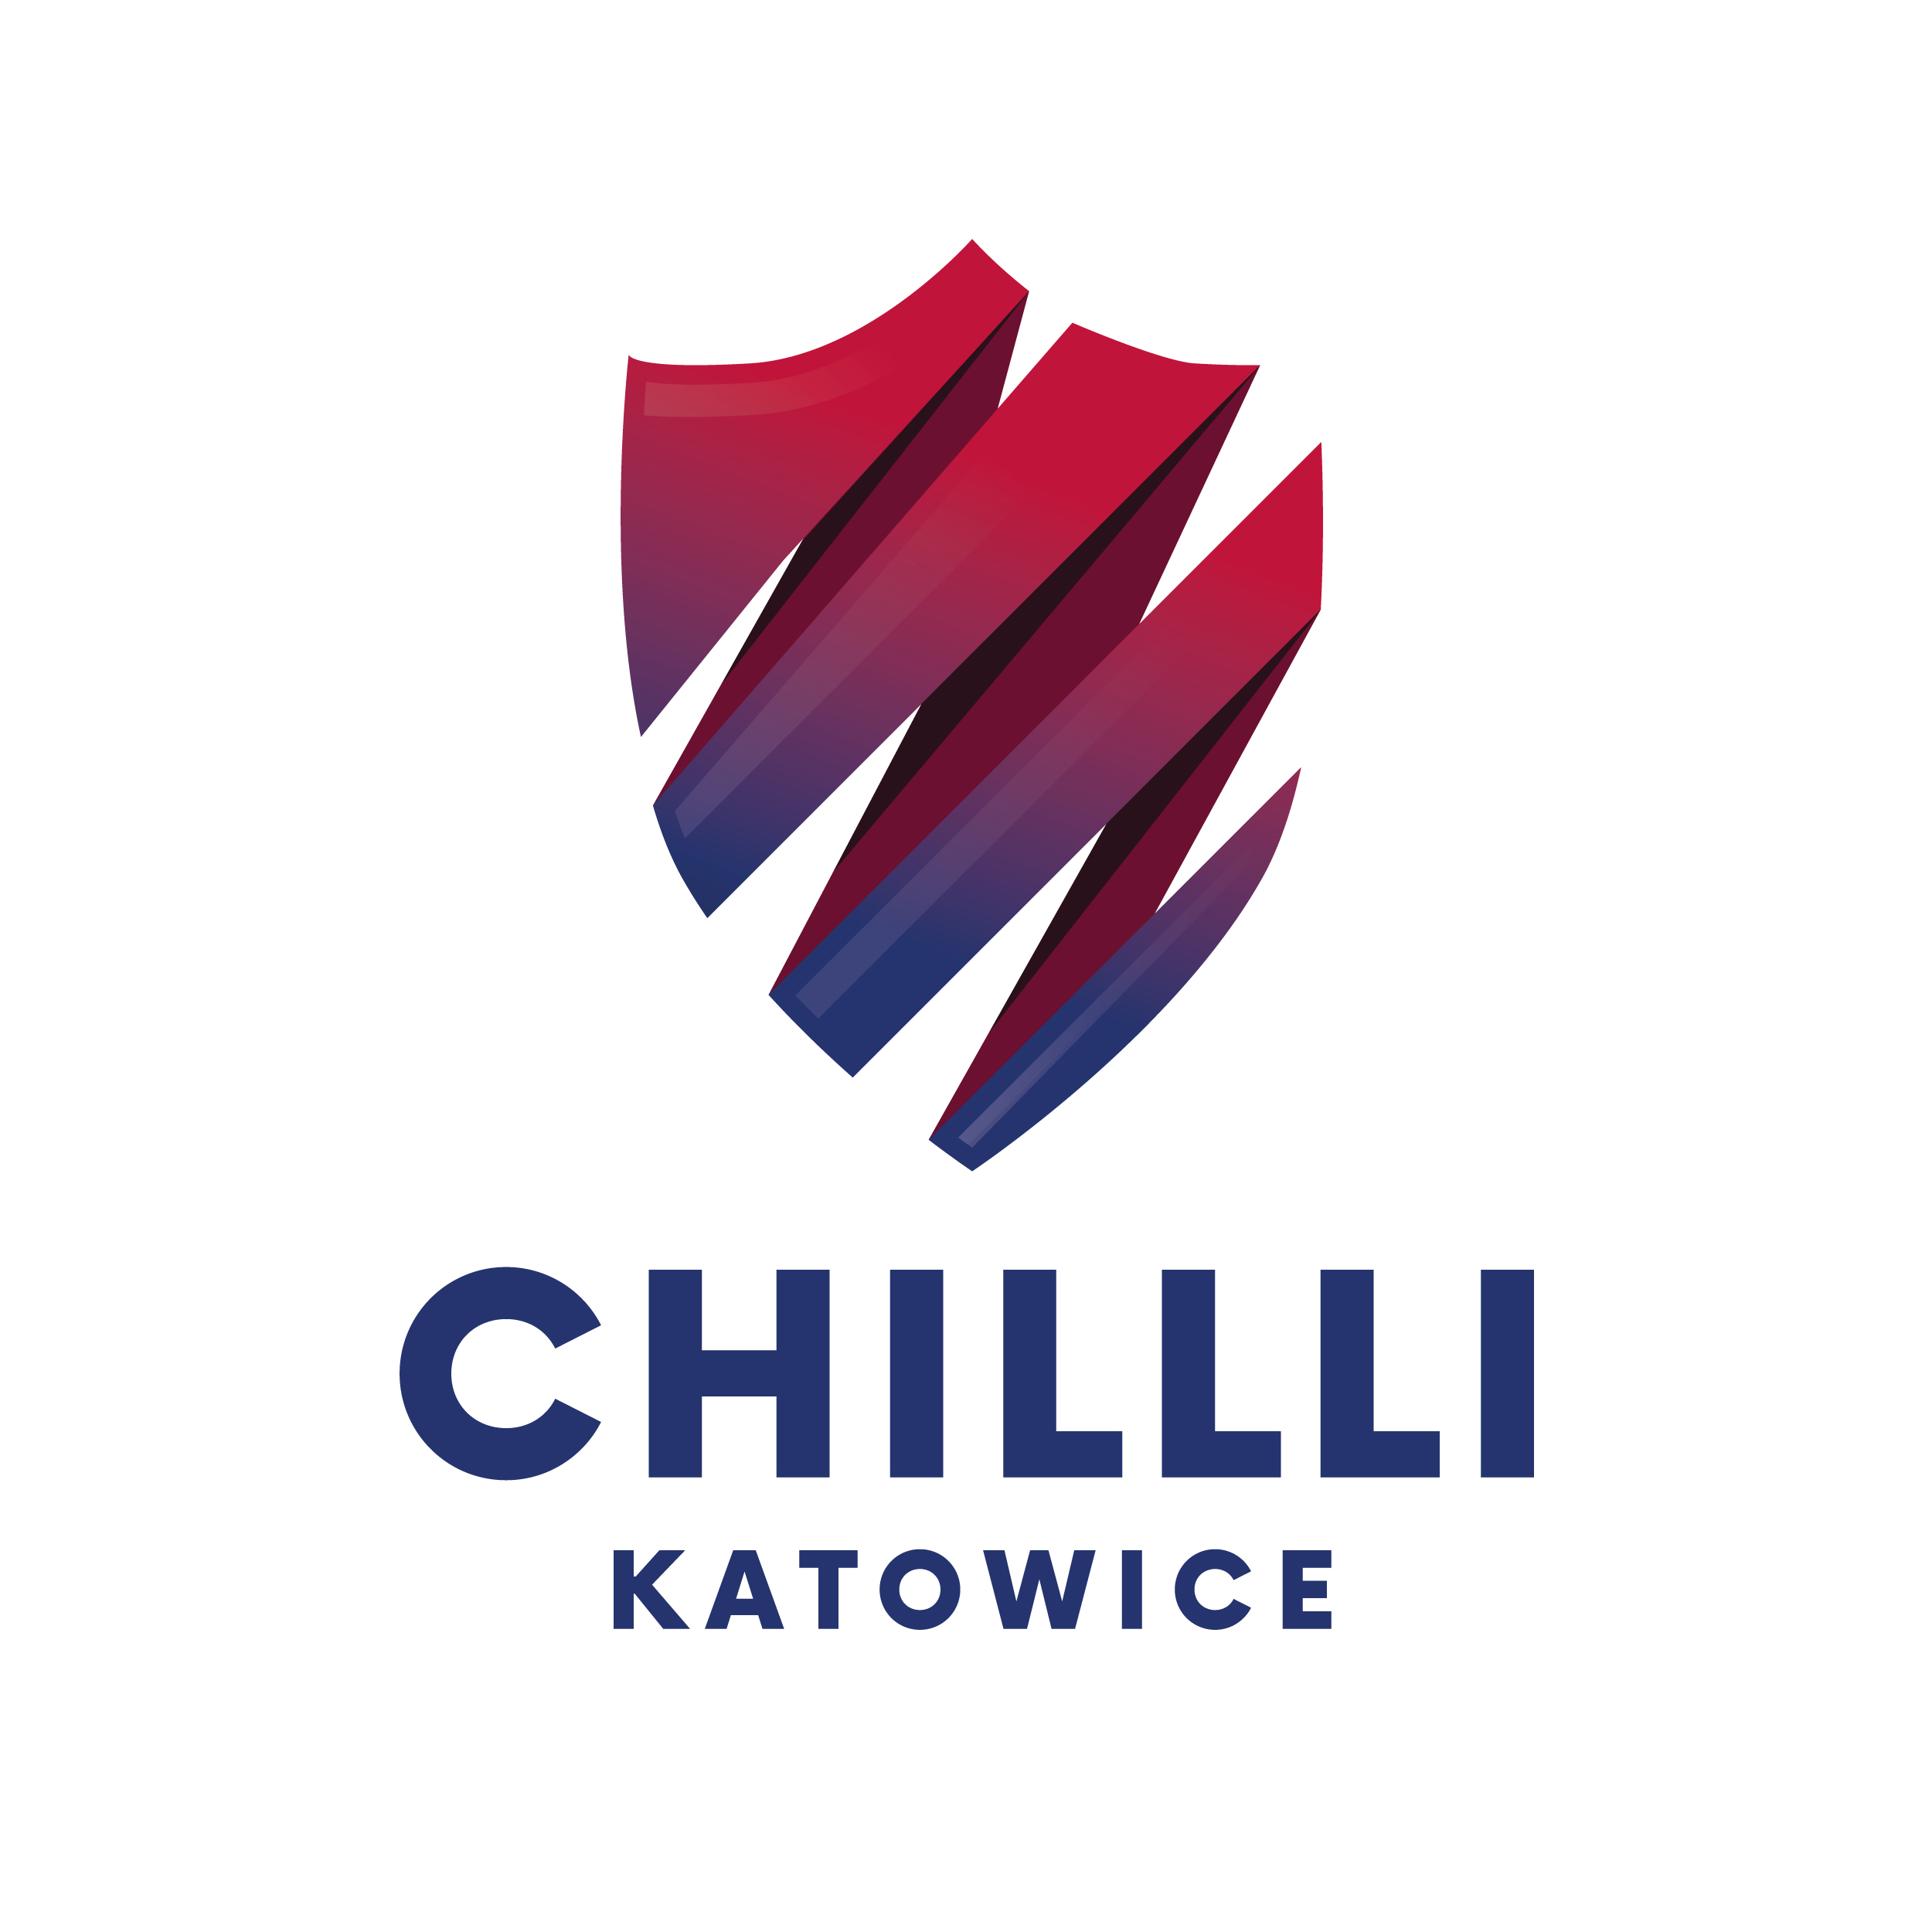 chilllikatowice